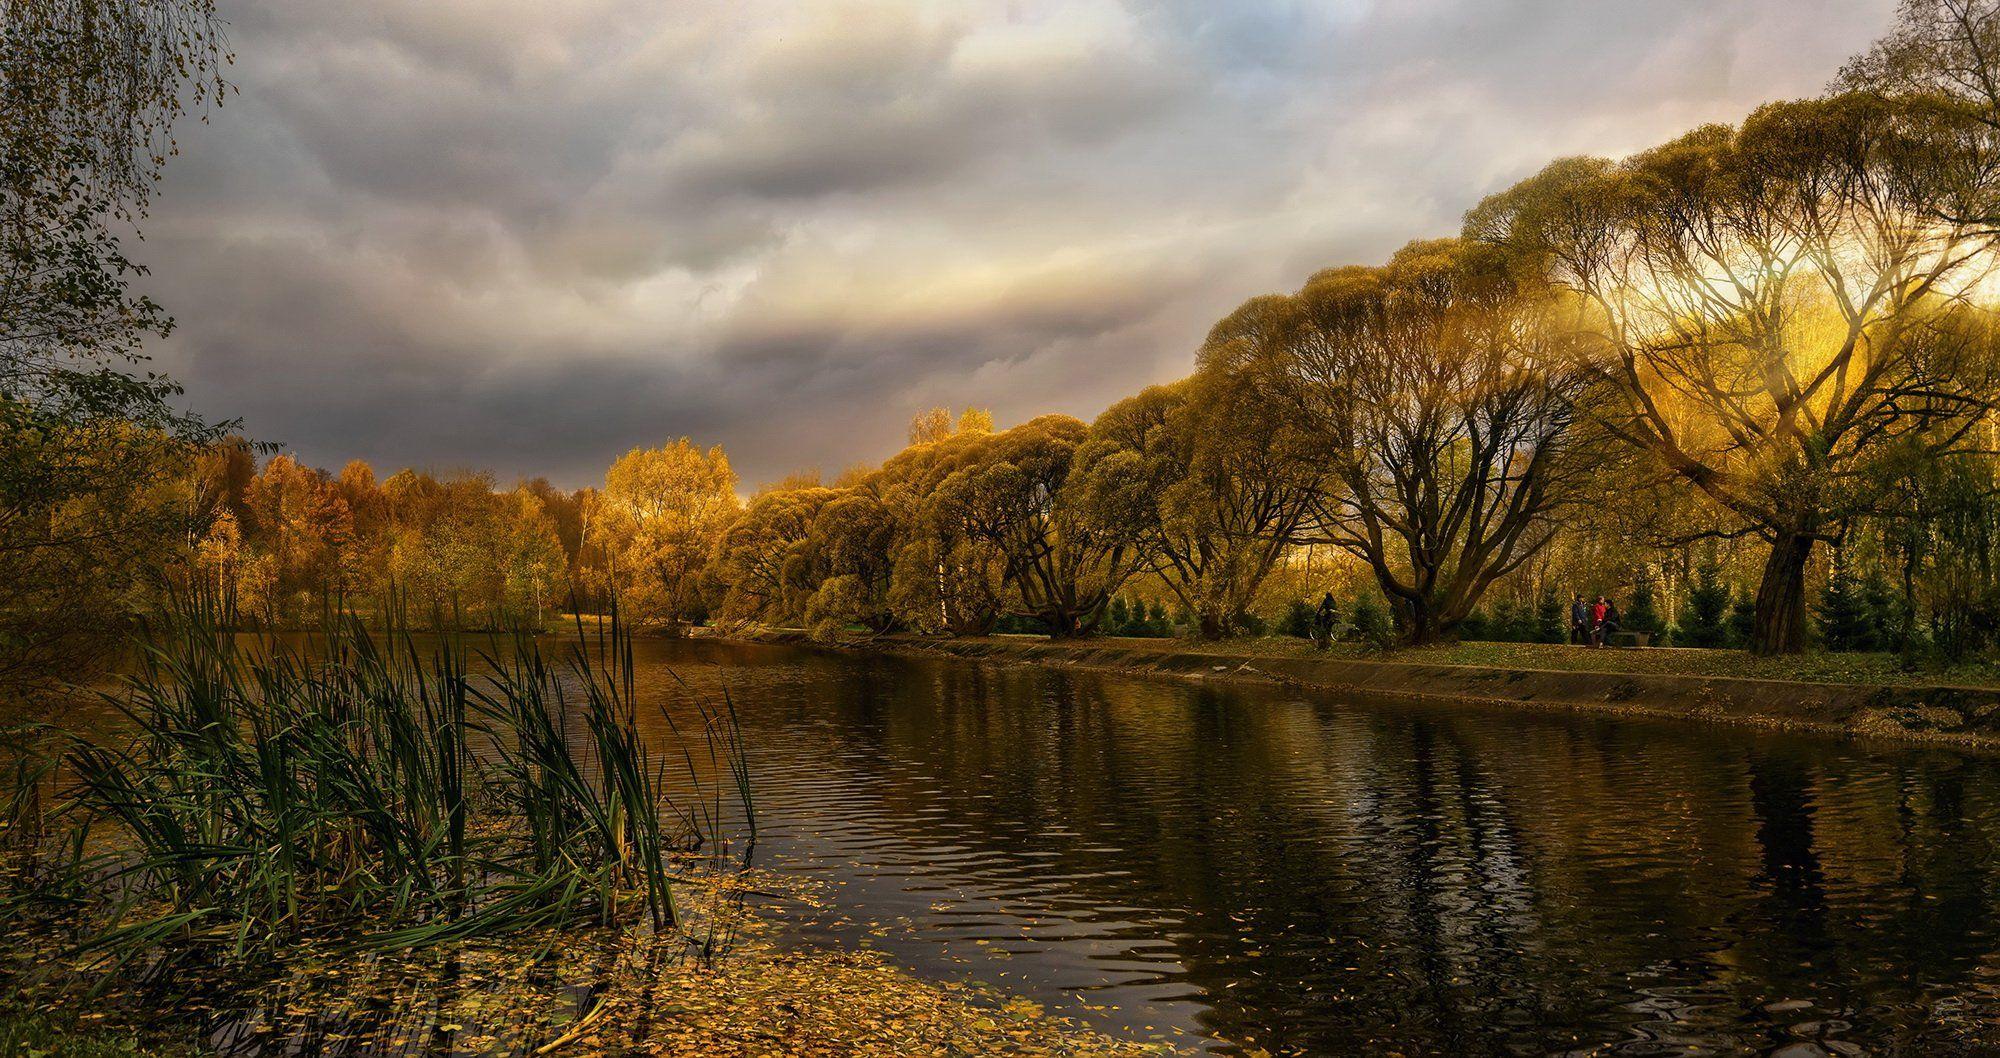 осень, пруд, городской парк, опавшие листья, облака, лучи, заходящее солнце, ивы, GaL-Lina